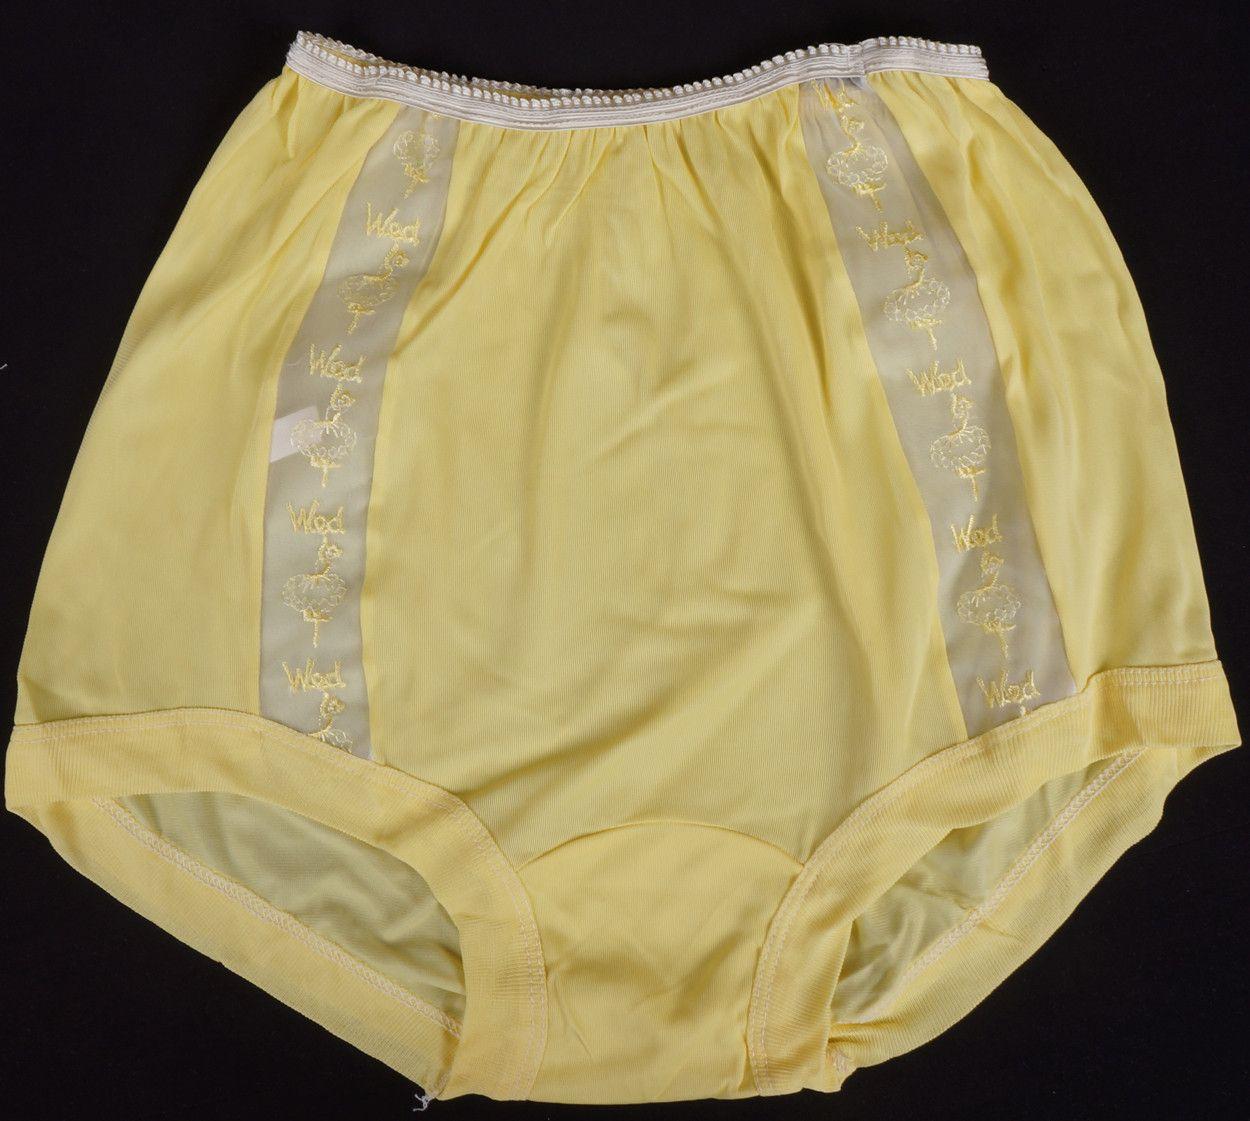 vintage panties 1950s panty days of the week nice things